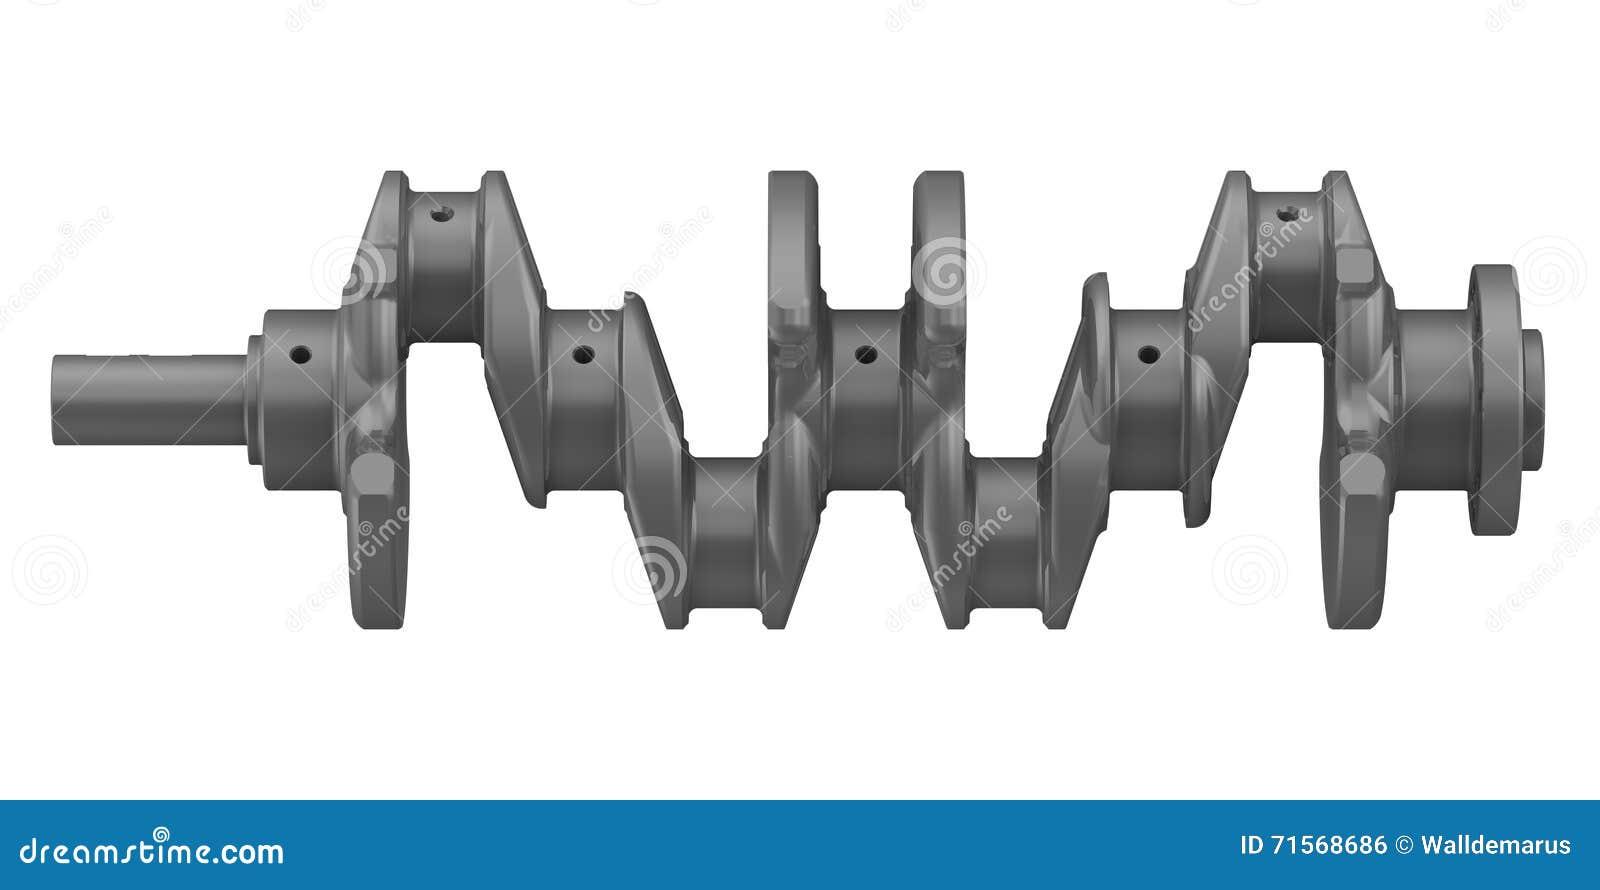 le vilebrequin du moteur combustion interne illustration stock image 71568686. Black Bedroom Furniture Sets. Home Design Ideas